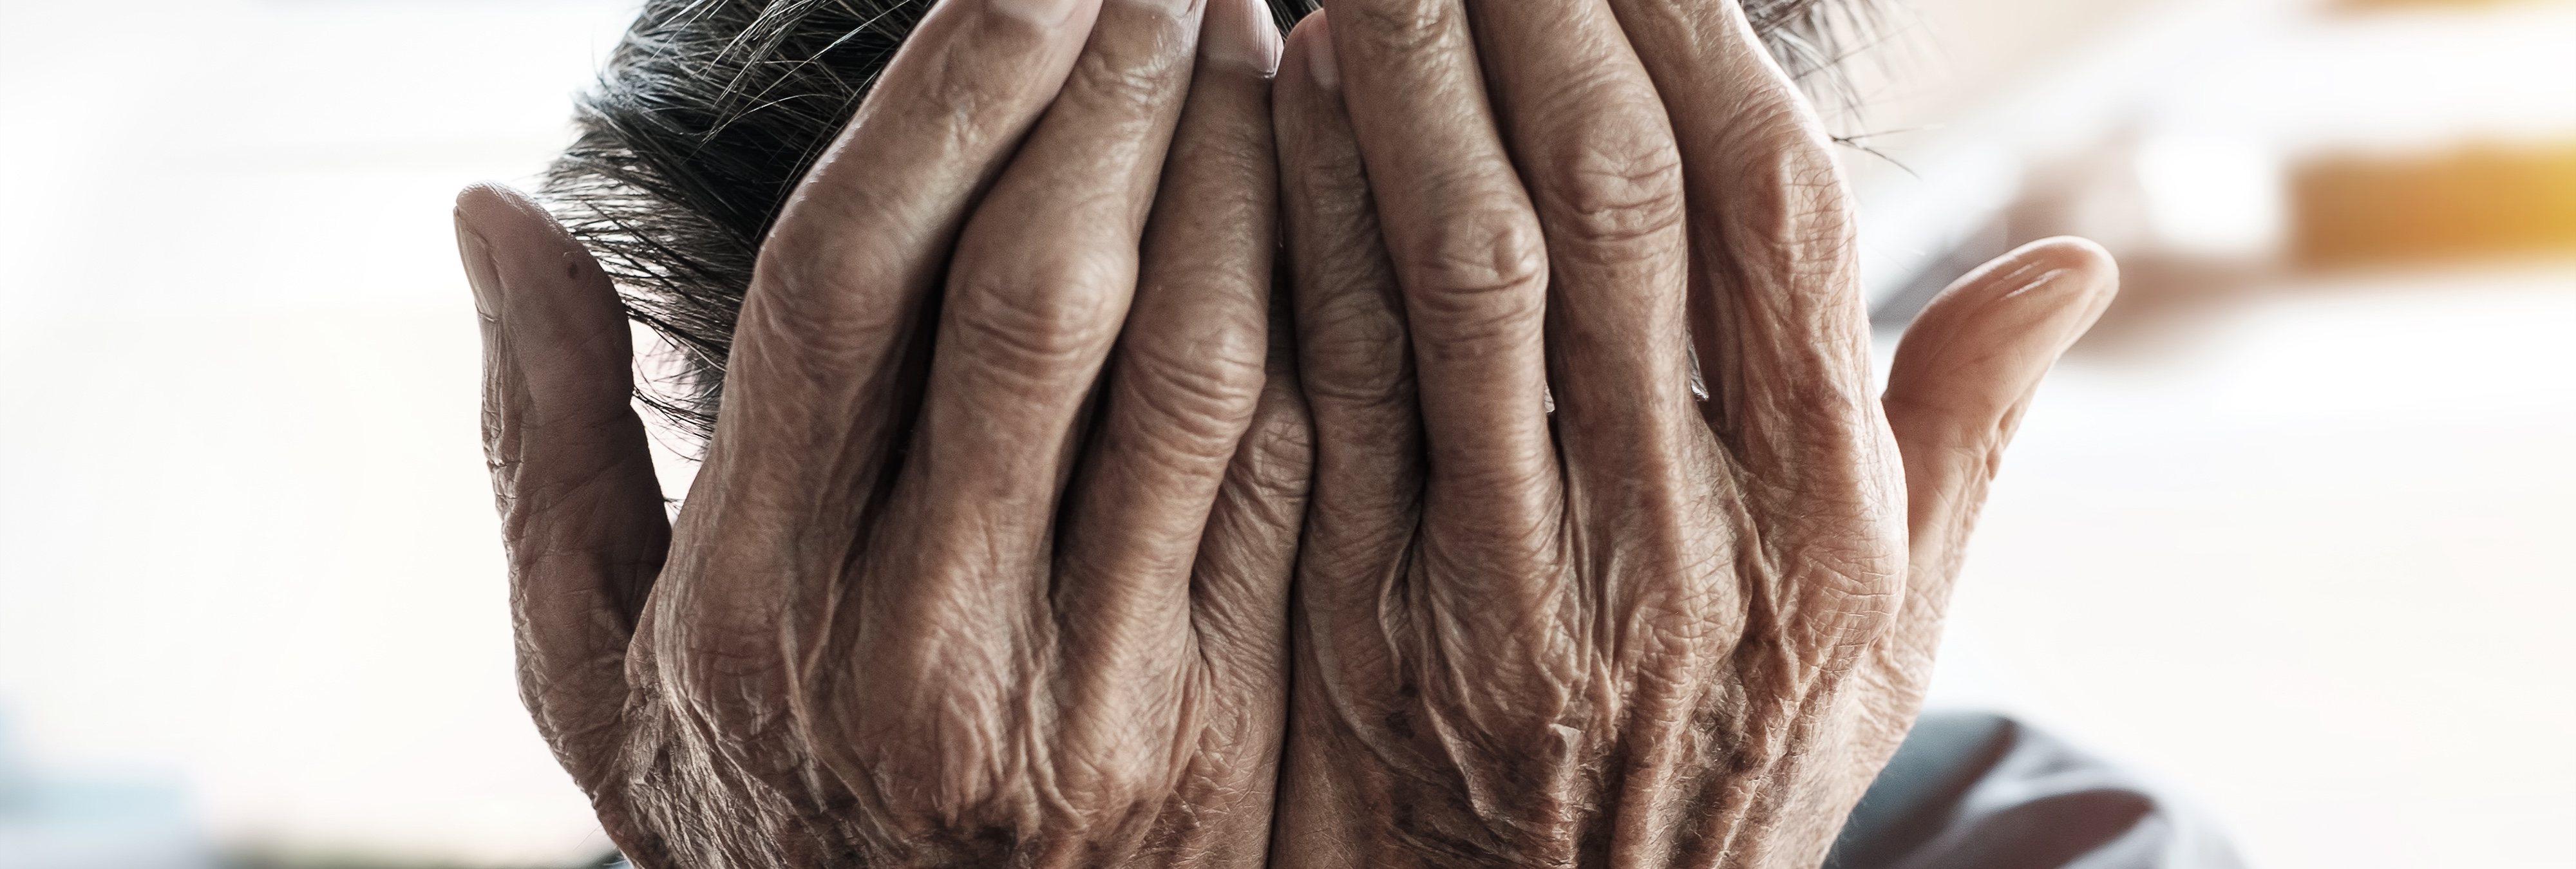 La Comunidad de Madrid no descarta que los cuidadores acusados de maltrato sigan en otra residencia